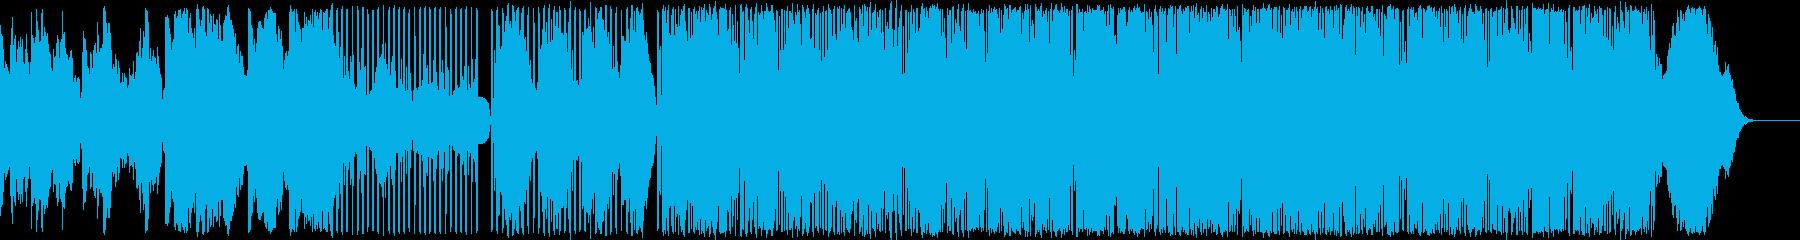 懐かしい90年代風テクノポップの再生済みの波形